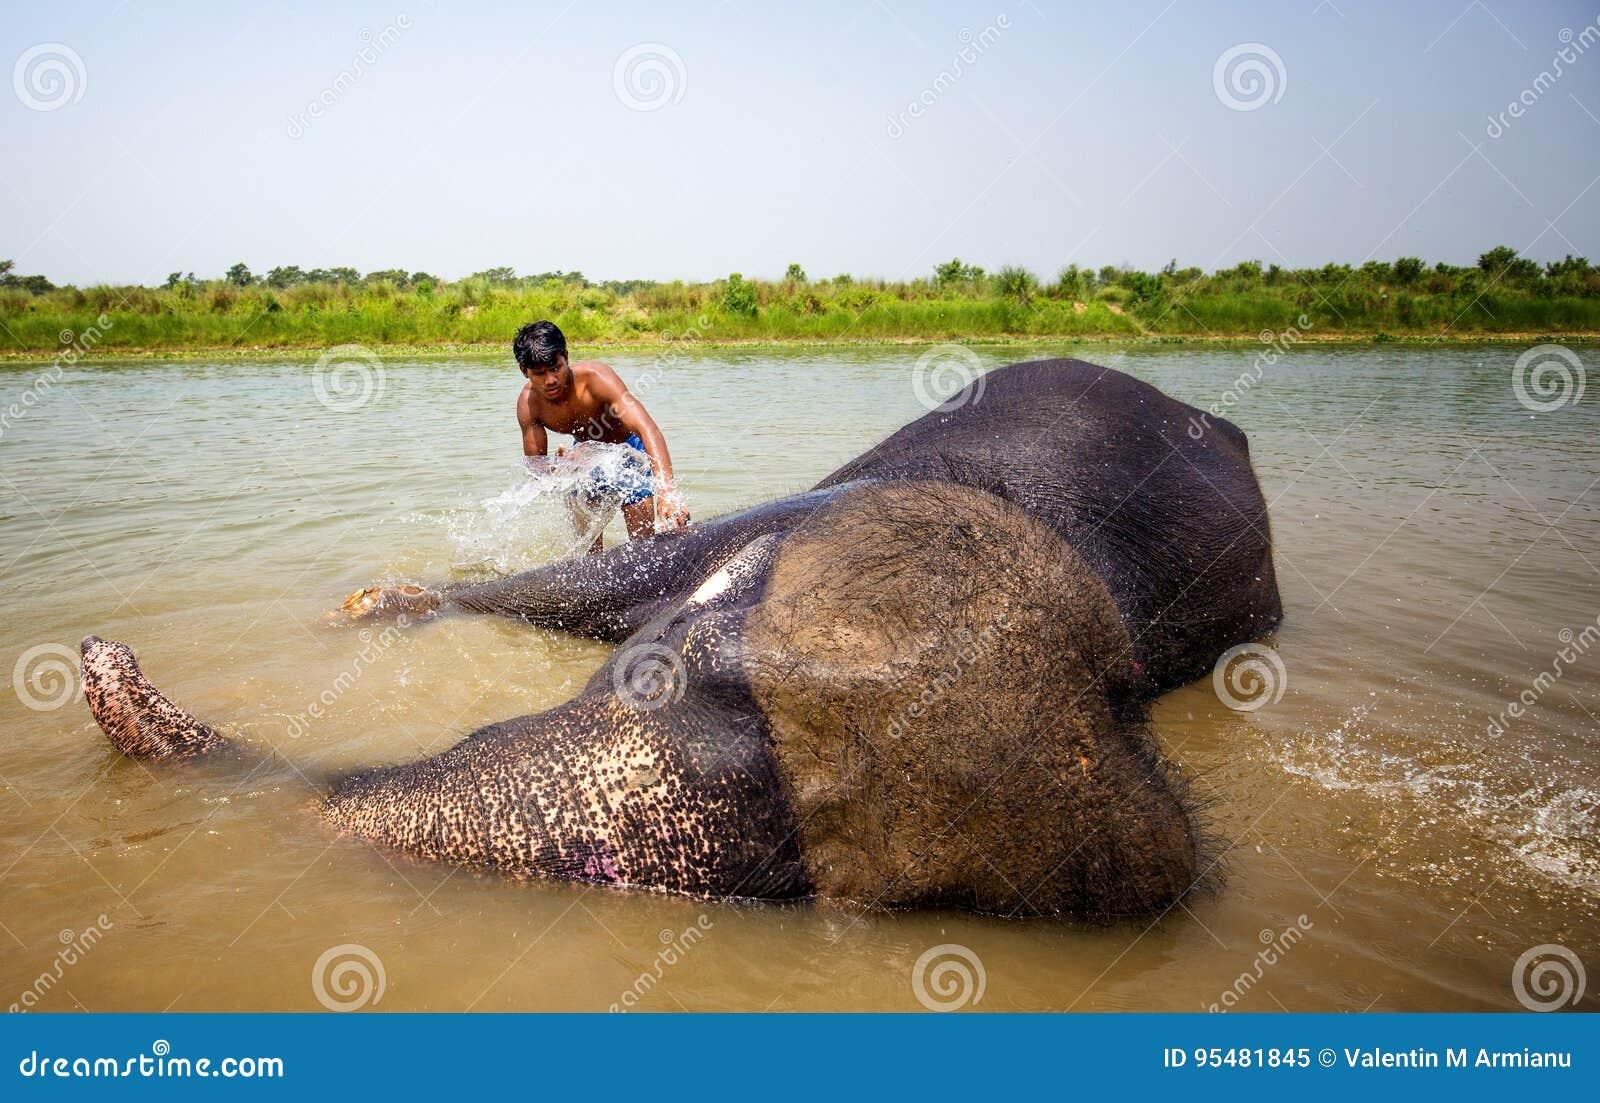 Słonie myje w rzece